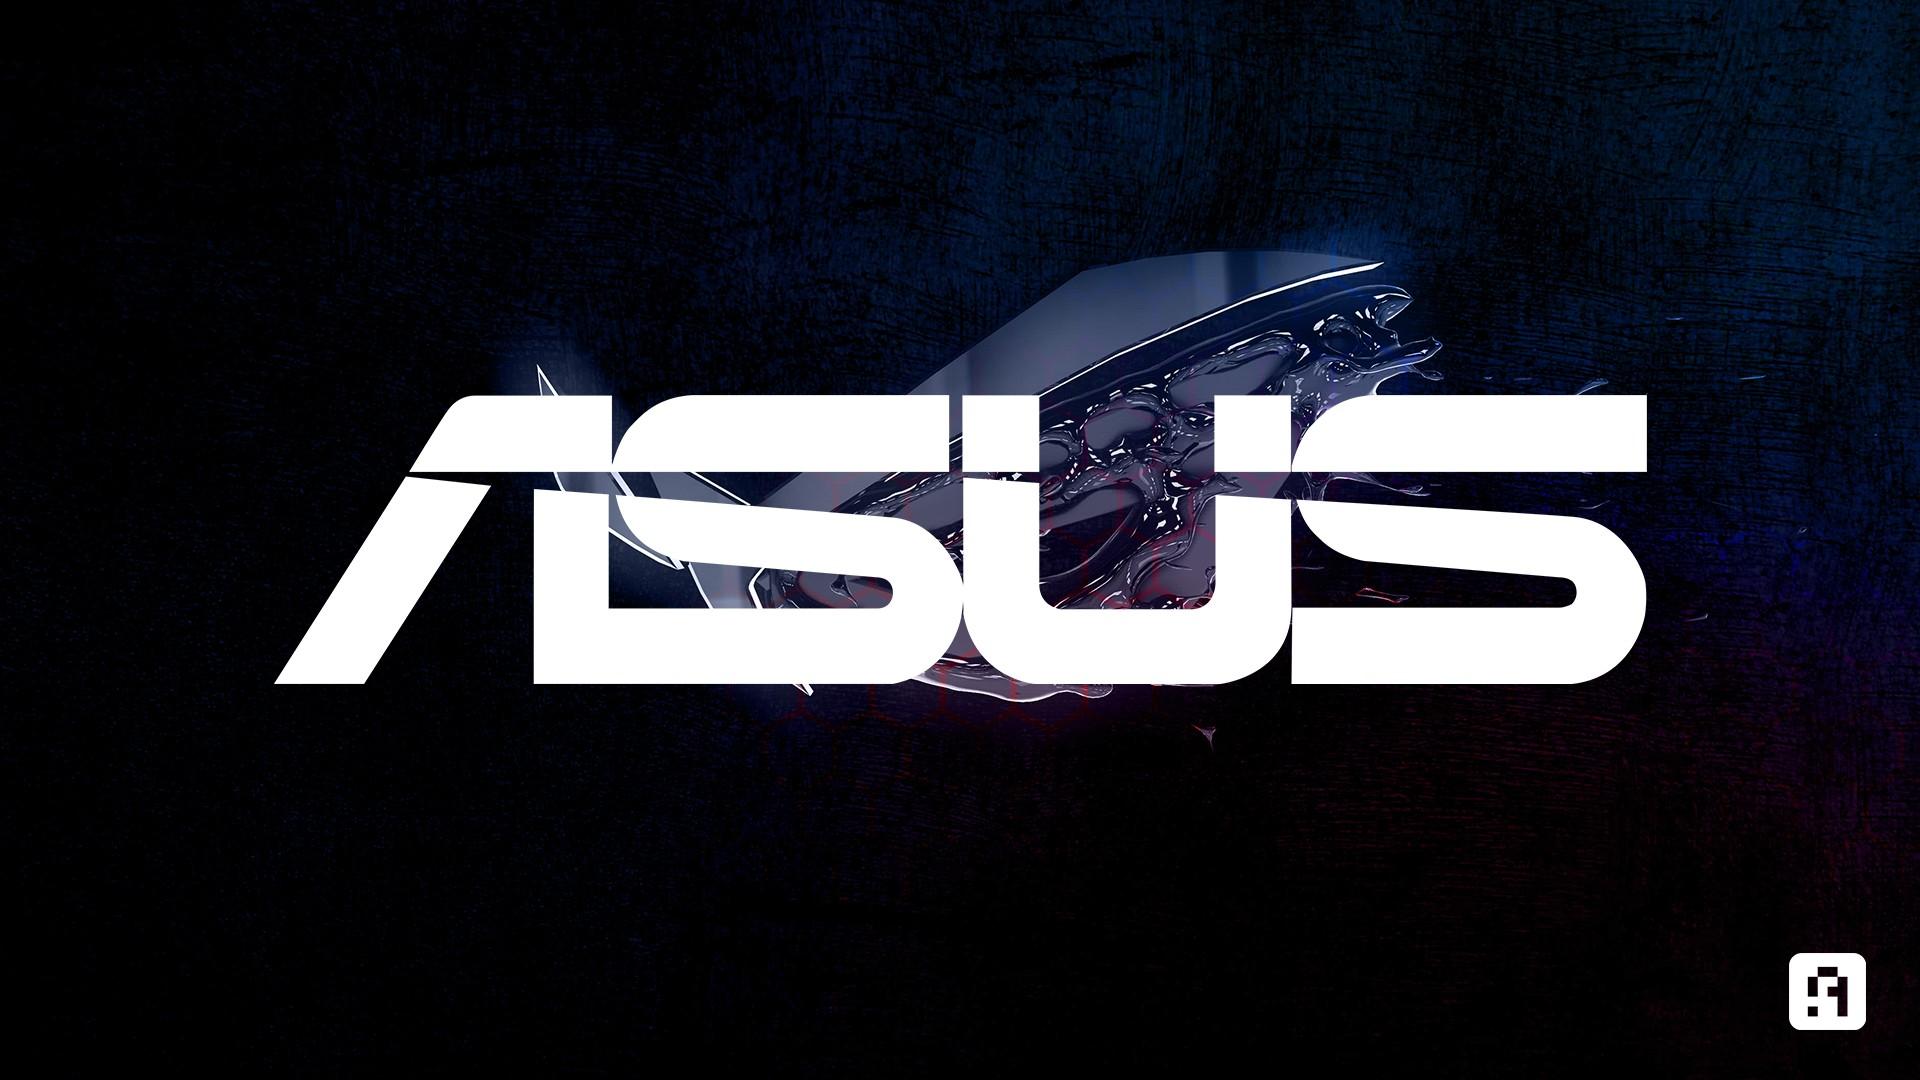 صورة شركة ASUS تعلن عن سلسلة بطاقات AMD Radeon RX 6700 XT الإحترافية